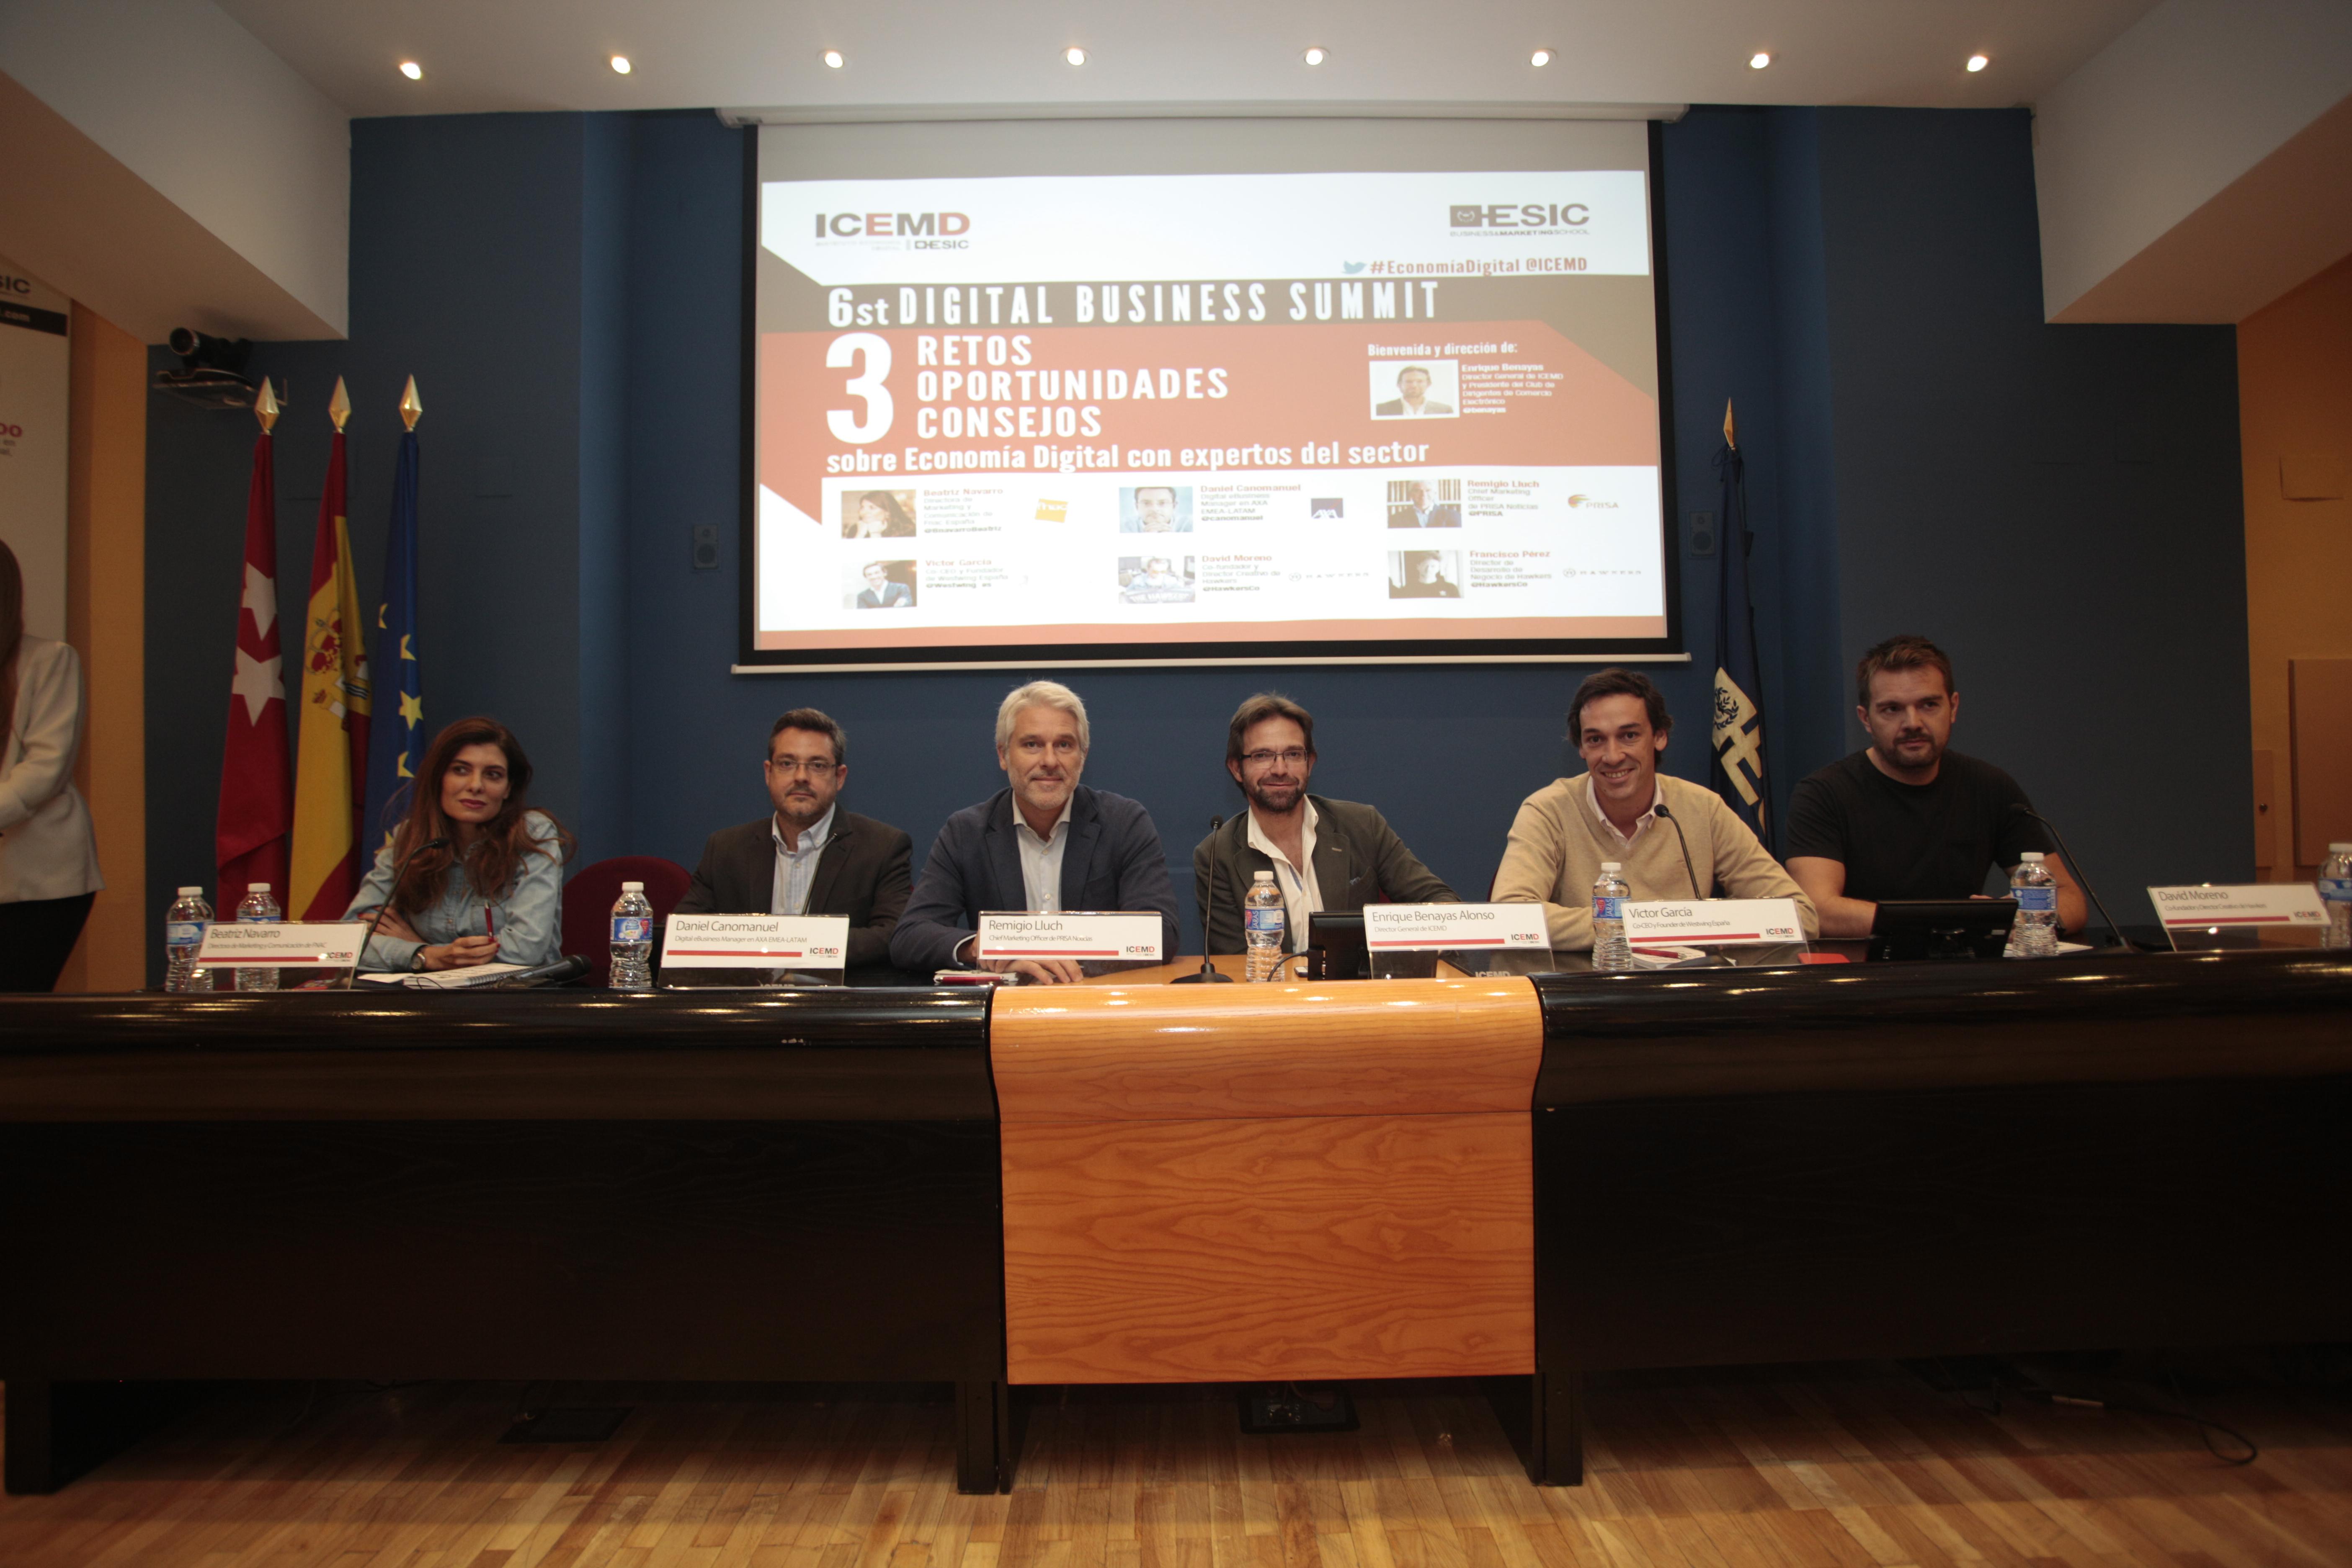 Omnicanalidad, nuevas tecnologías y excelencia operativa, principales retos de las empresas en la economía digital